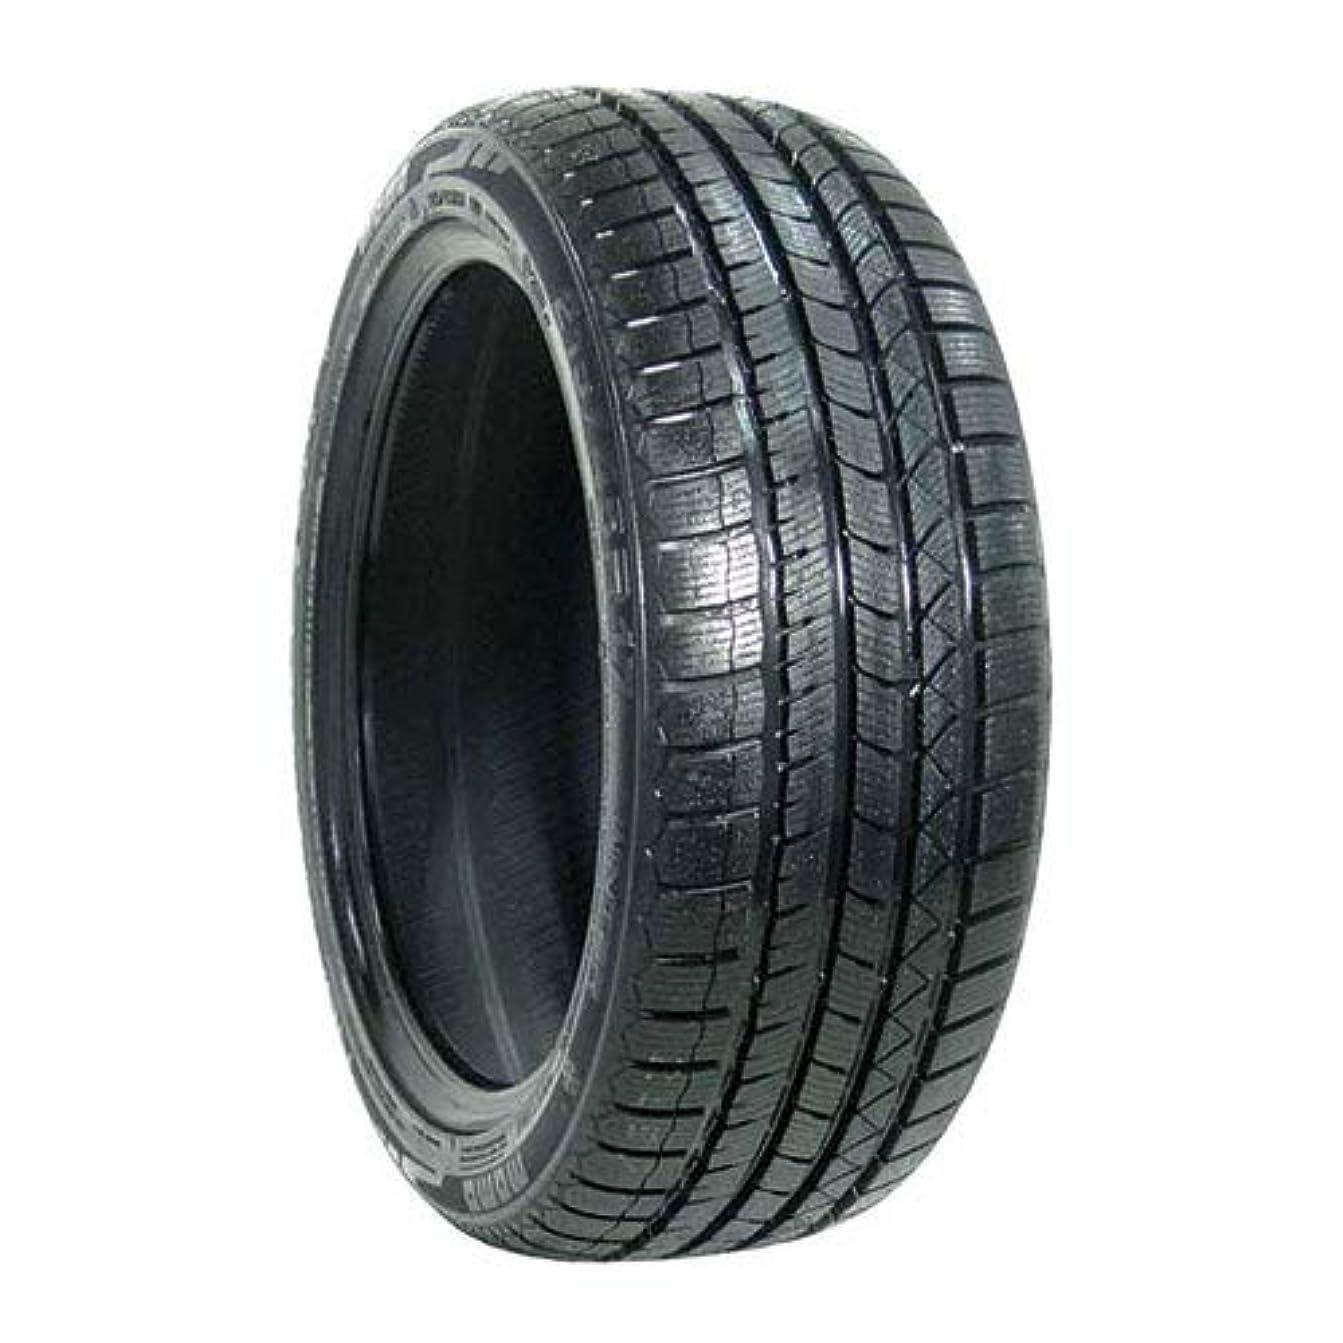 印をつける代表団誘惑するMOMO Tires(モモタイヤ) スタッドレスタイヤ NORTH POLE W-2 ??????? 215/65R15 96H 15インチ 〔セール品 2019年製〕